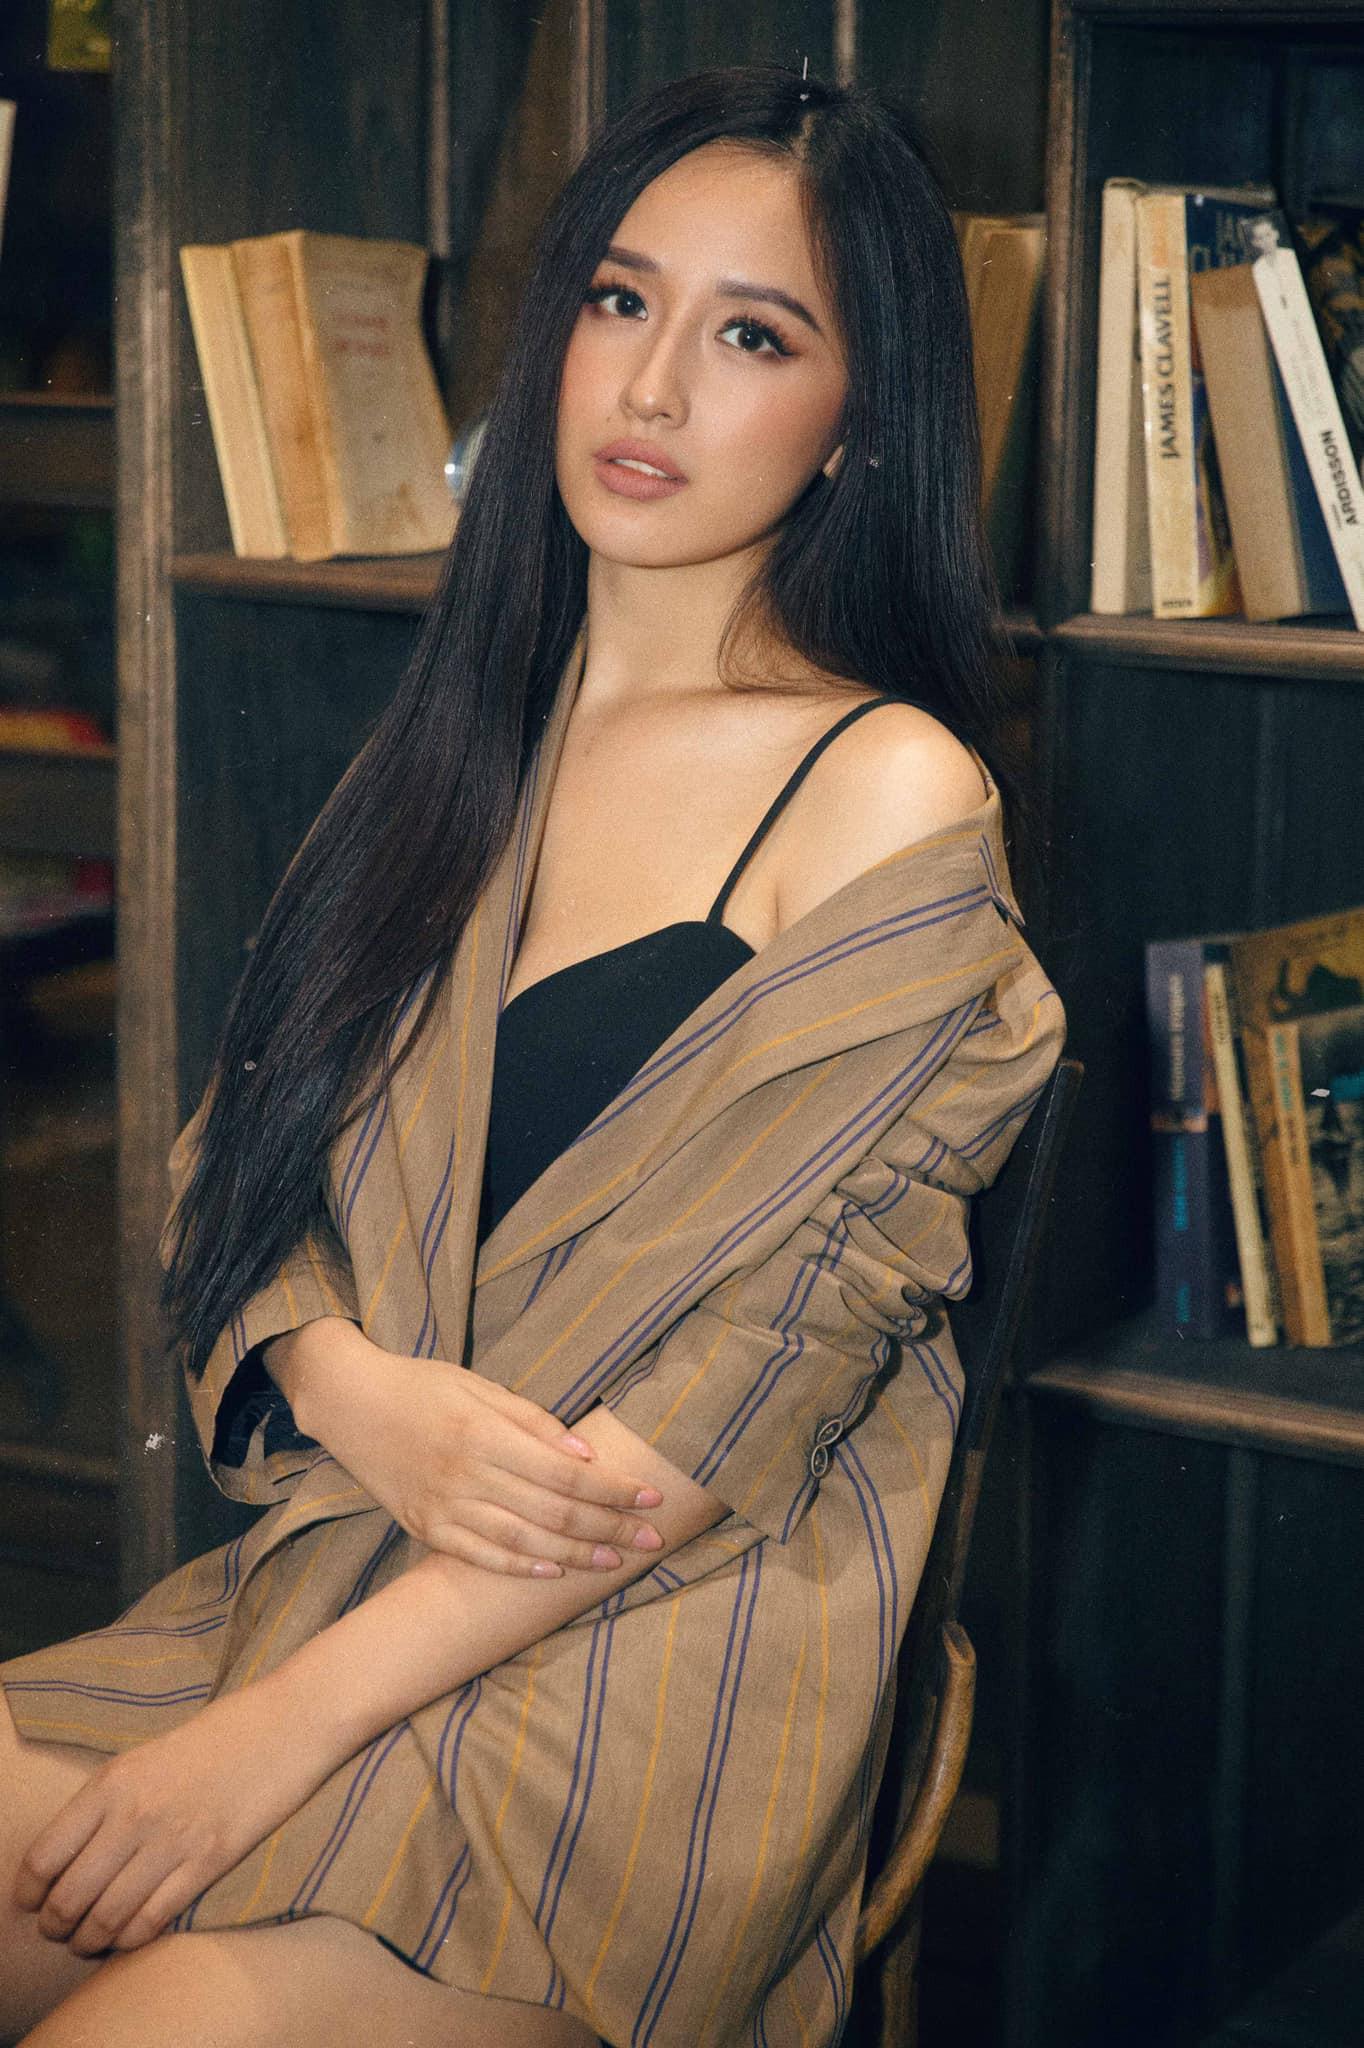 HOT: Hoa hậu Mai Phương Thúy xác nhận chuẩn bị kết hôn, chú rể vẫn được giấu kín - Ảnh 1.